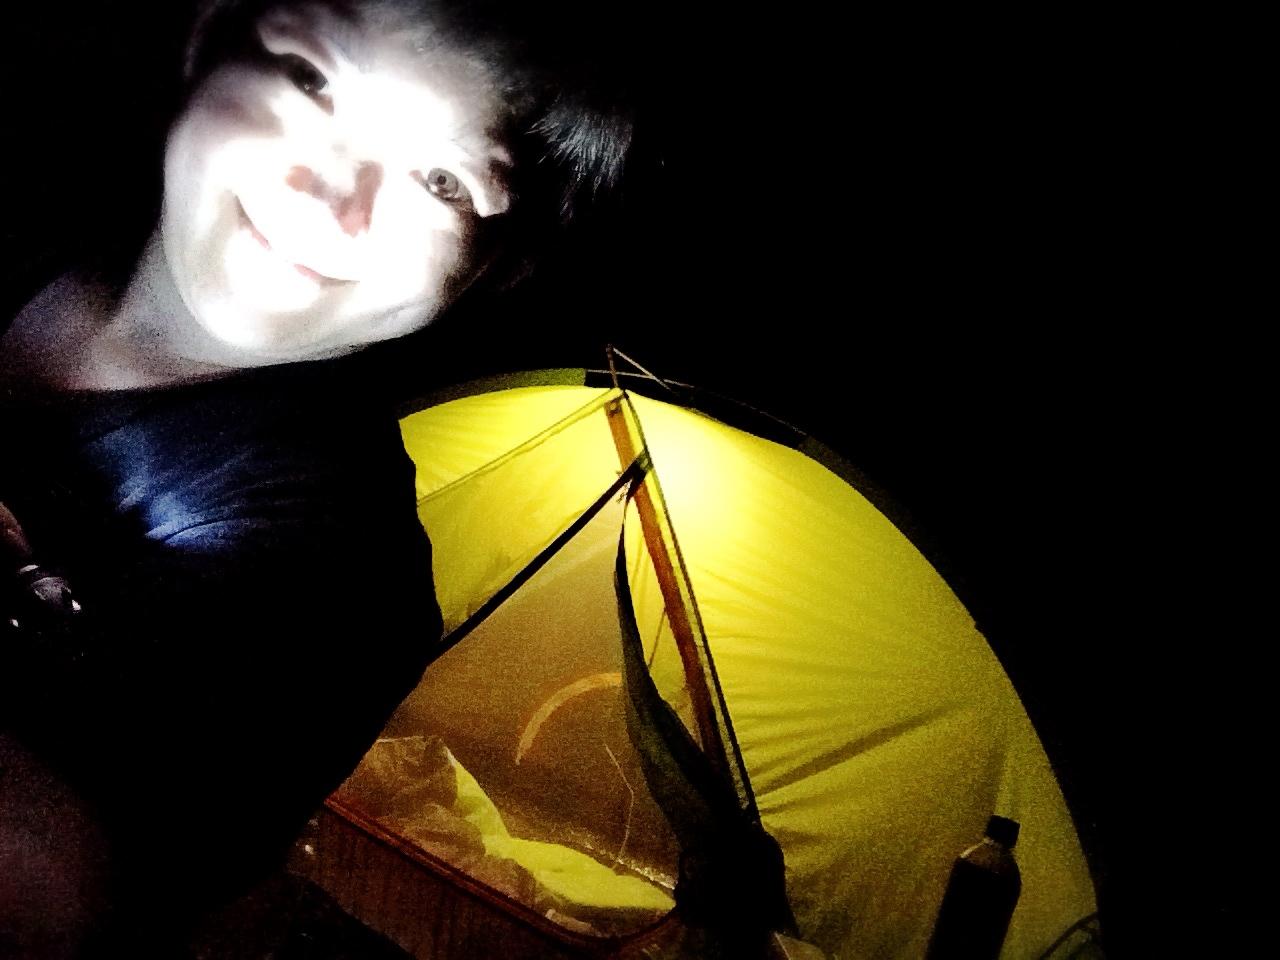 若杉楽園キャンプ場 夜テント